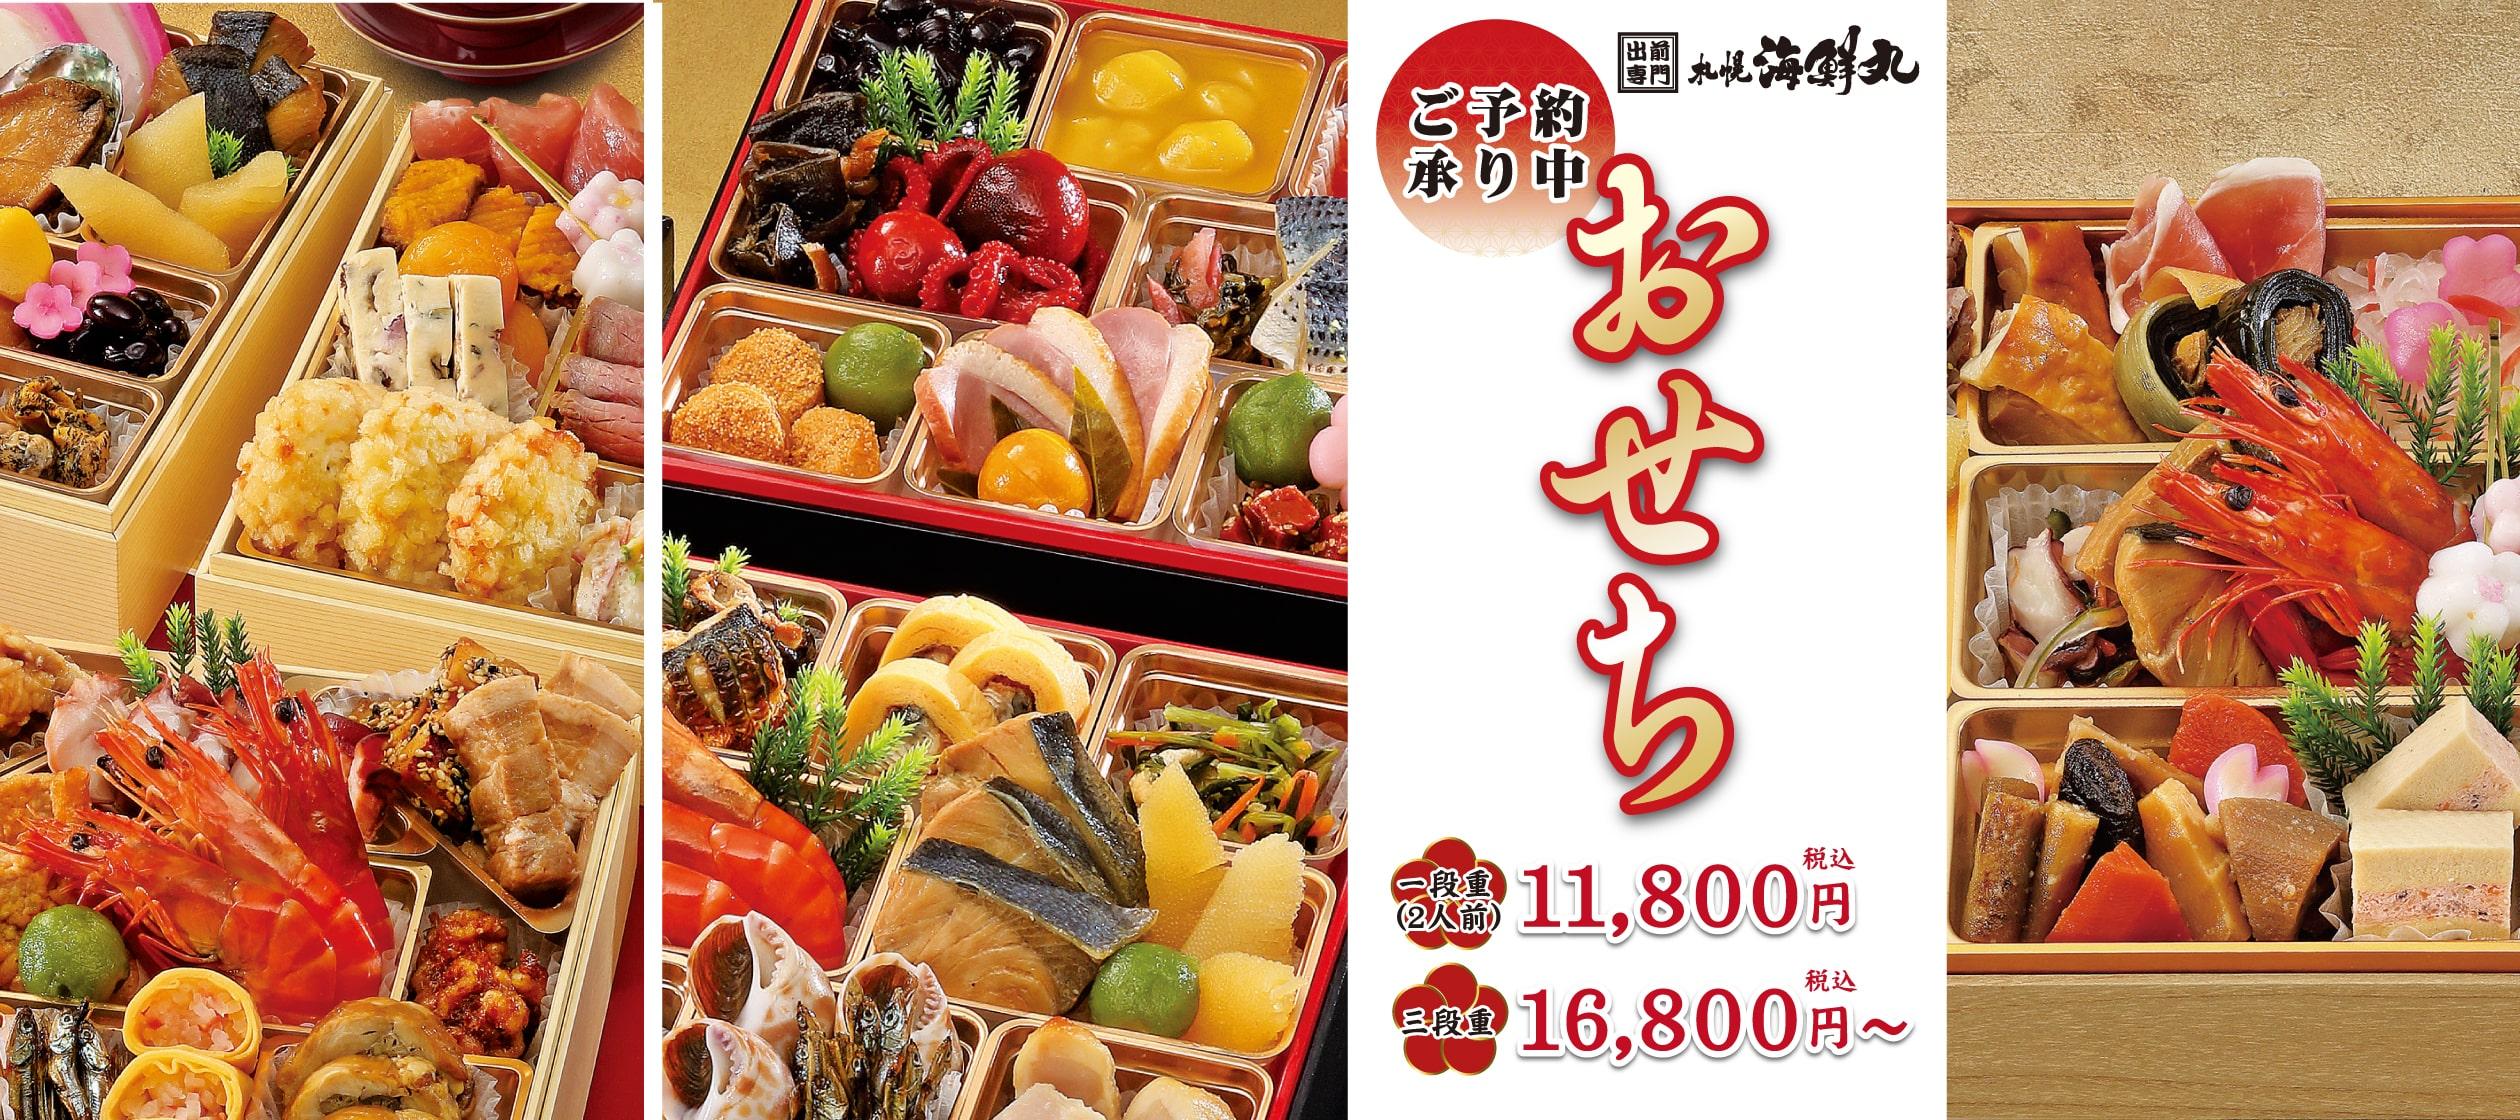 札幌海鮮丸のおせち(2021年年末)